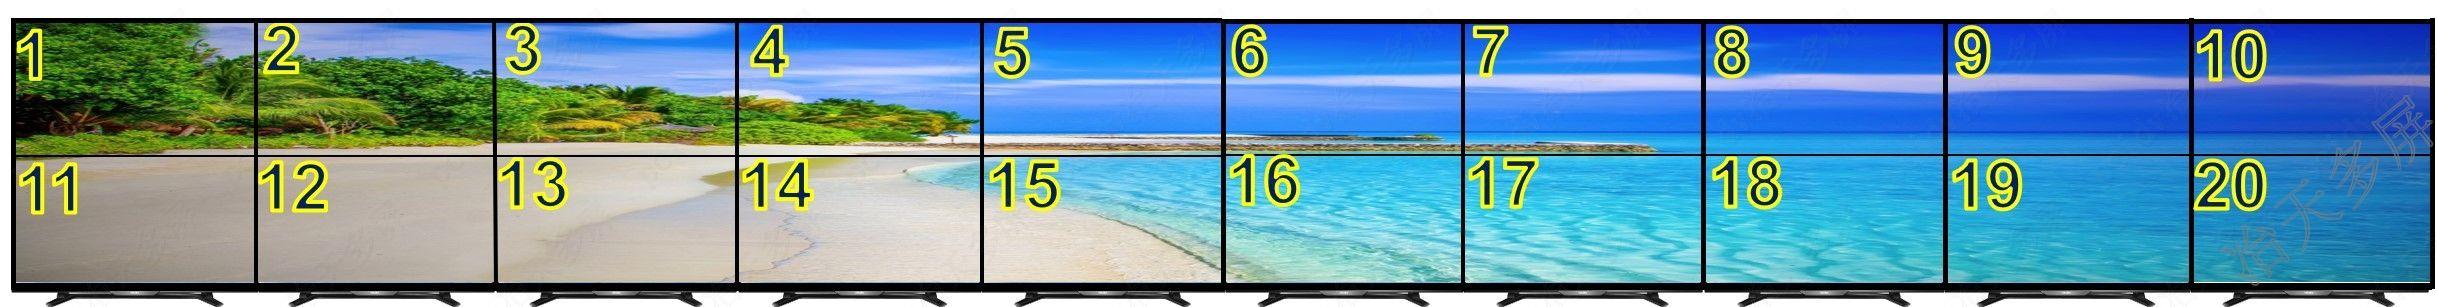 20屏拼接点对点显示液晶电视墙2行10列19200x2160